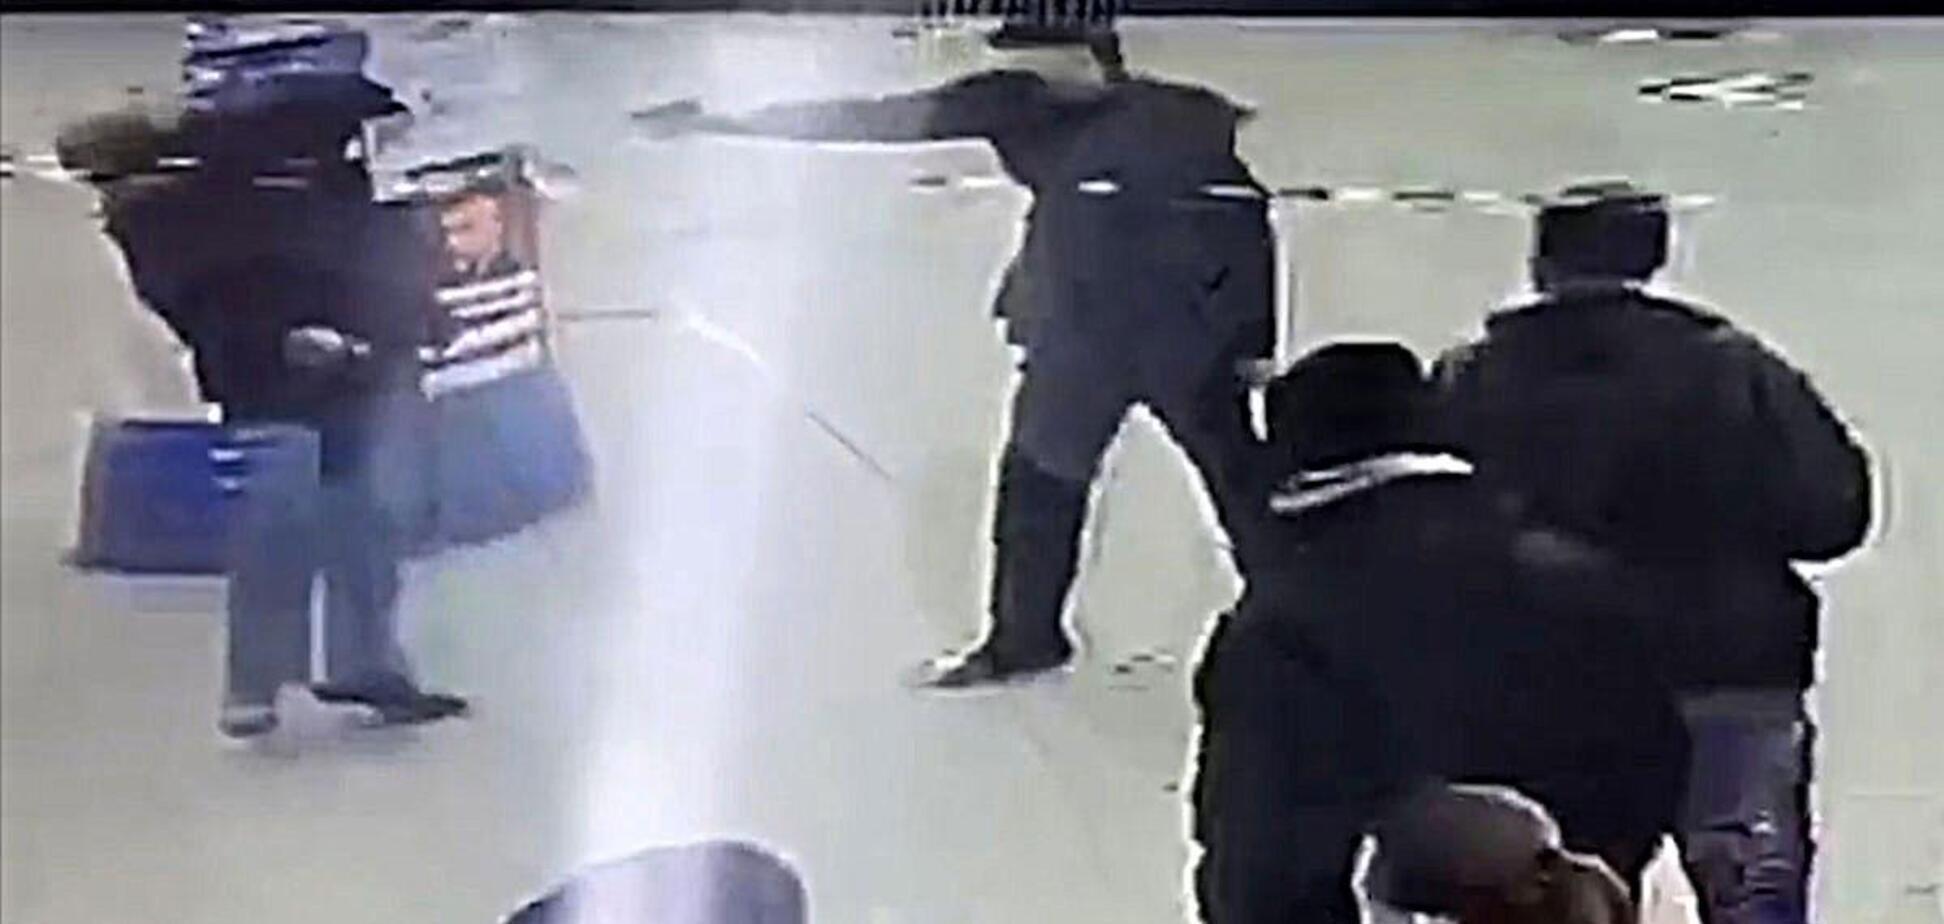 В Кременчуге возле остановки застрелили мужчину: полиция показала шокирующие кадры